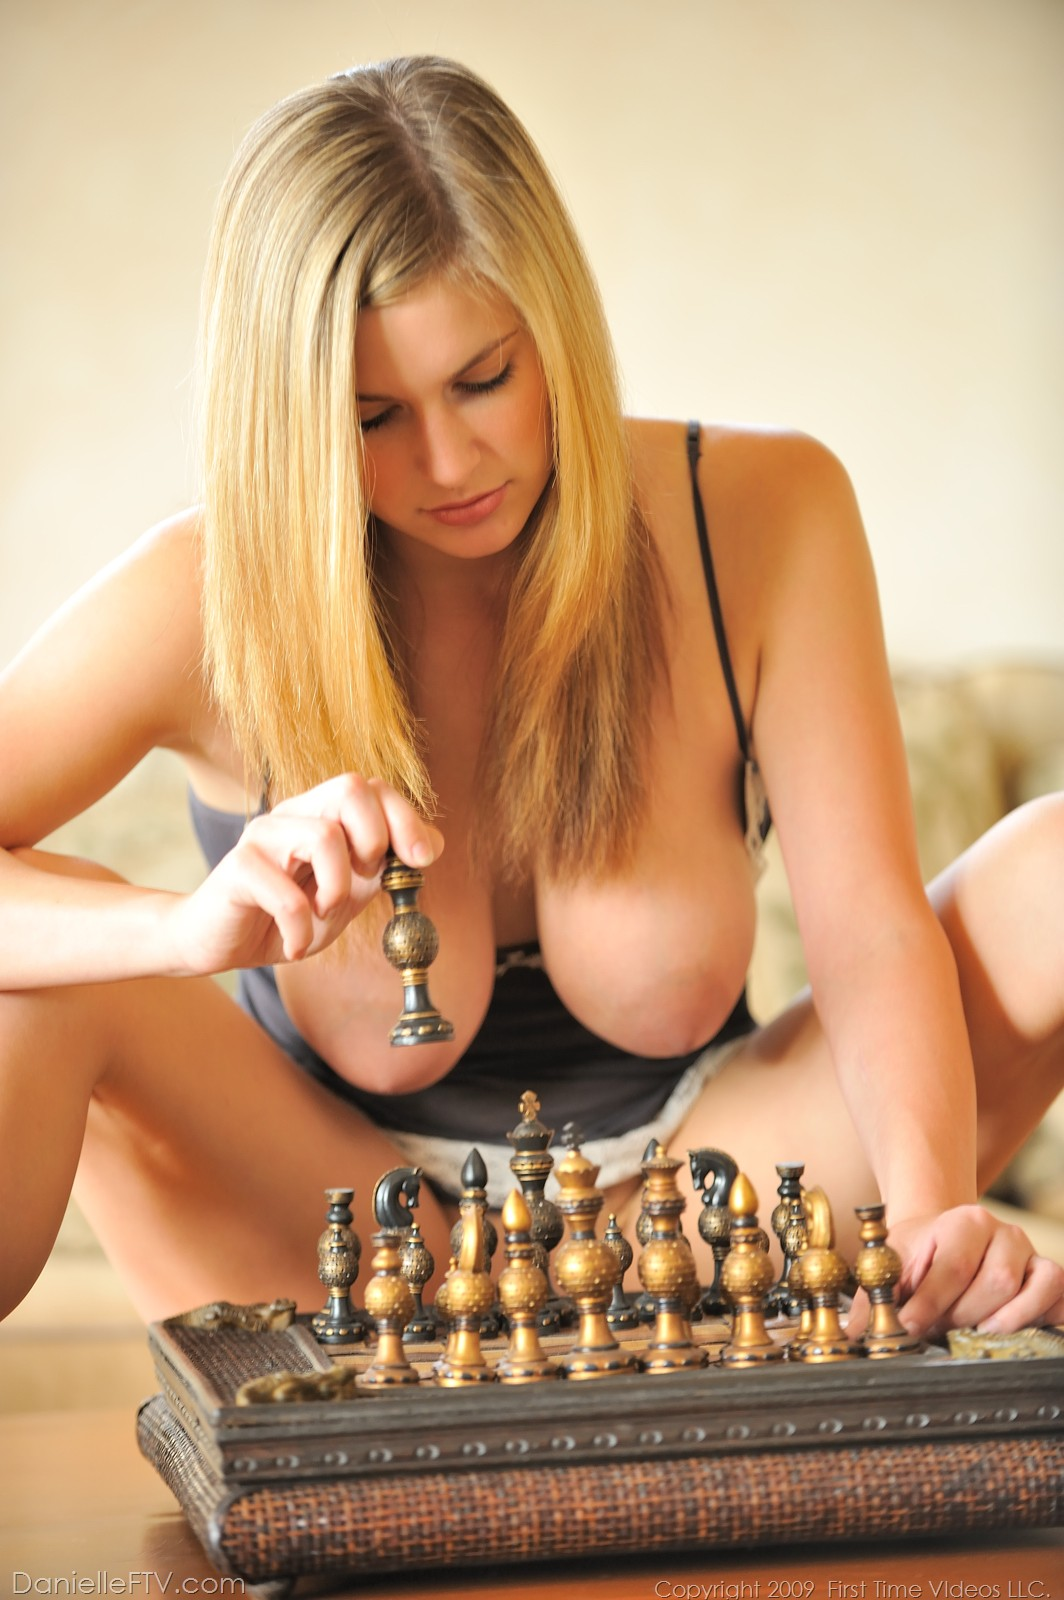 Эротические фигуры в шахматах фото 3 фотография